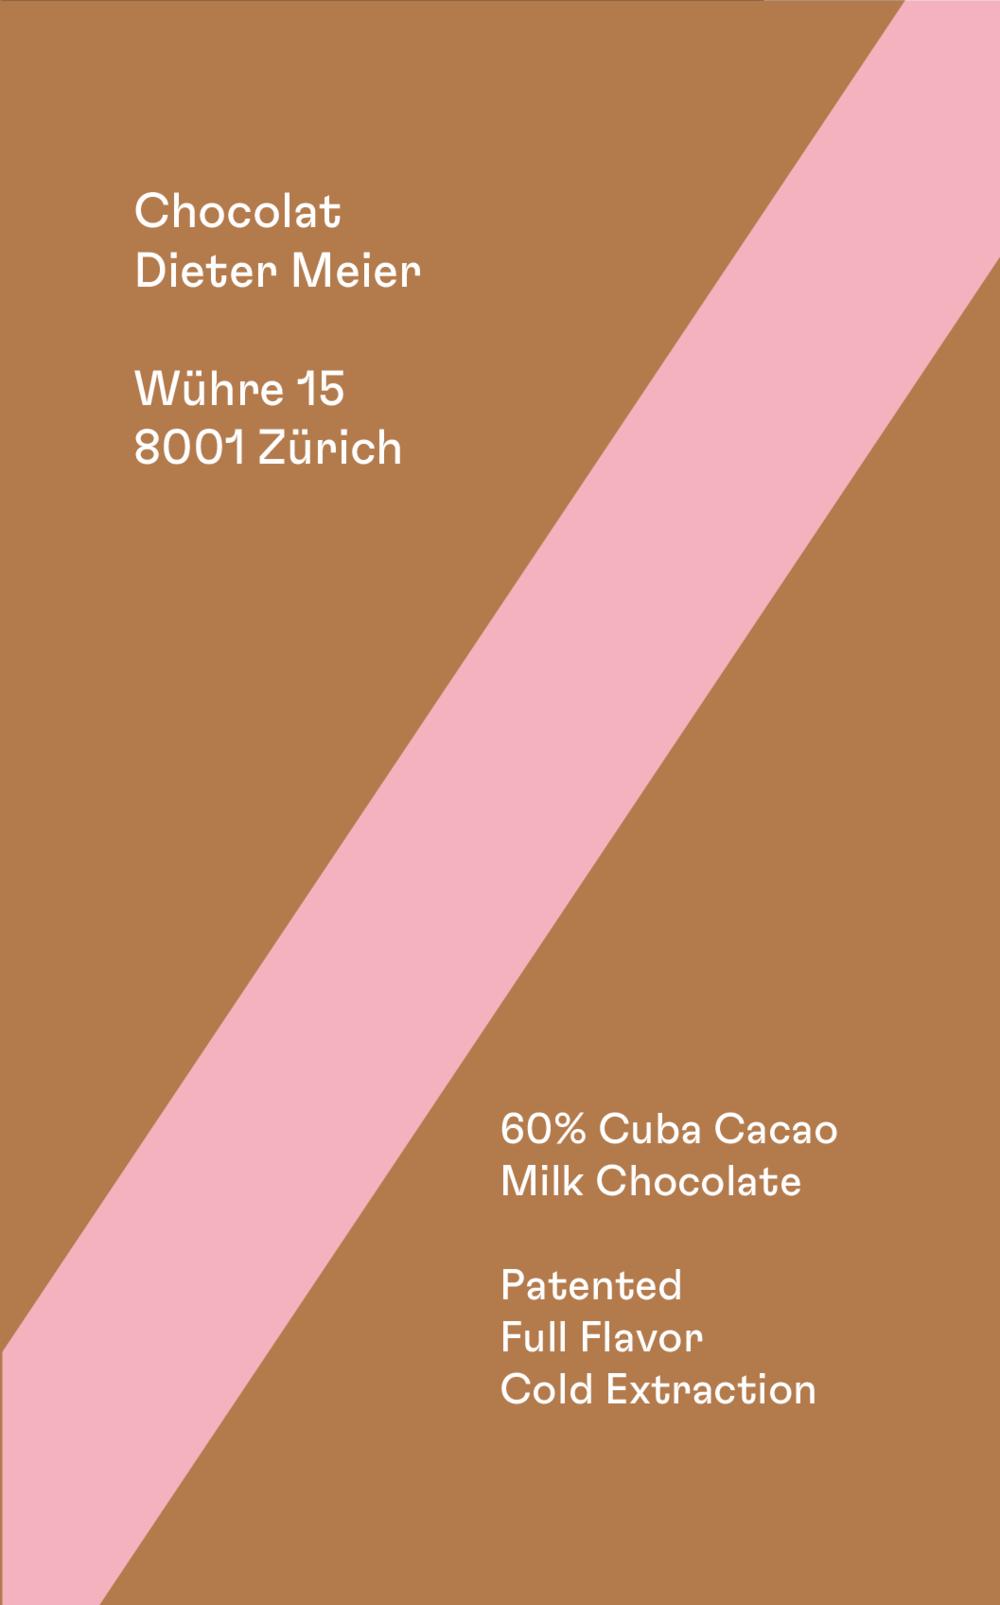 Chocolat_Dieter_Meier_Cuba_60_Milk_A.png